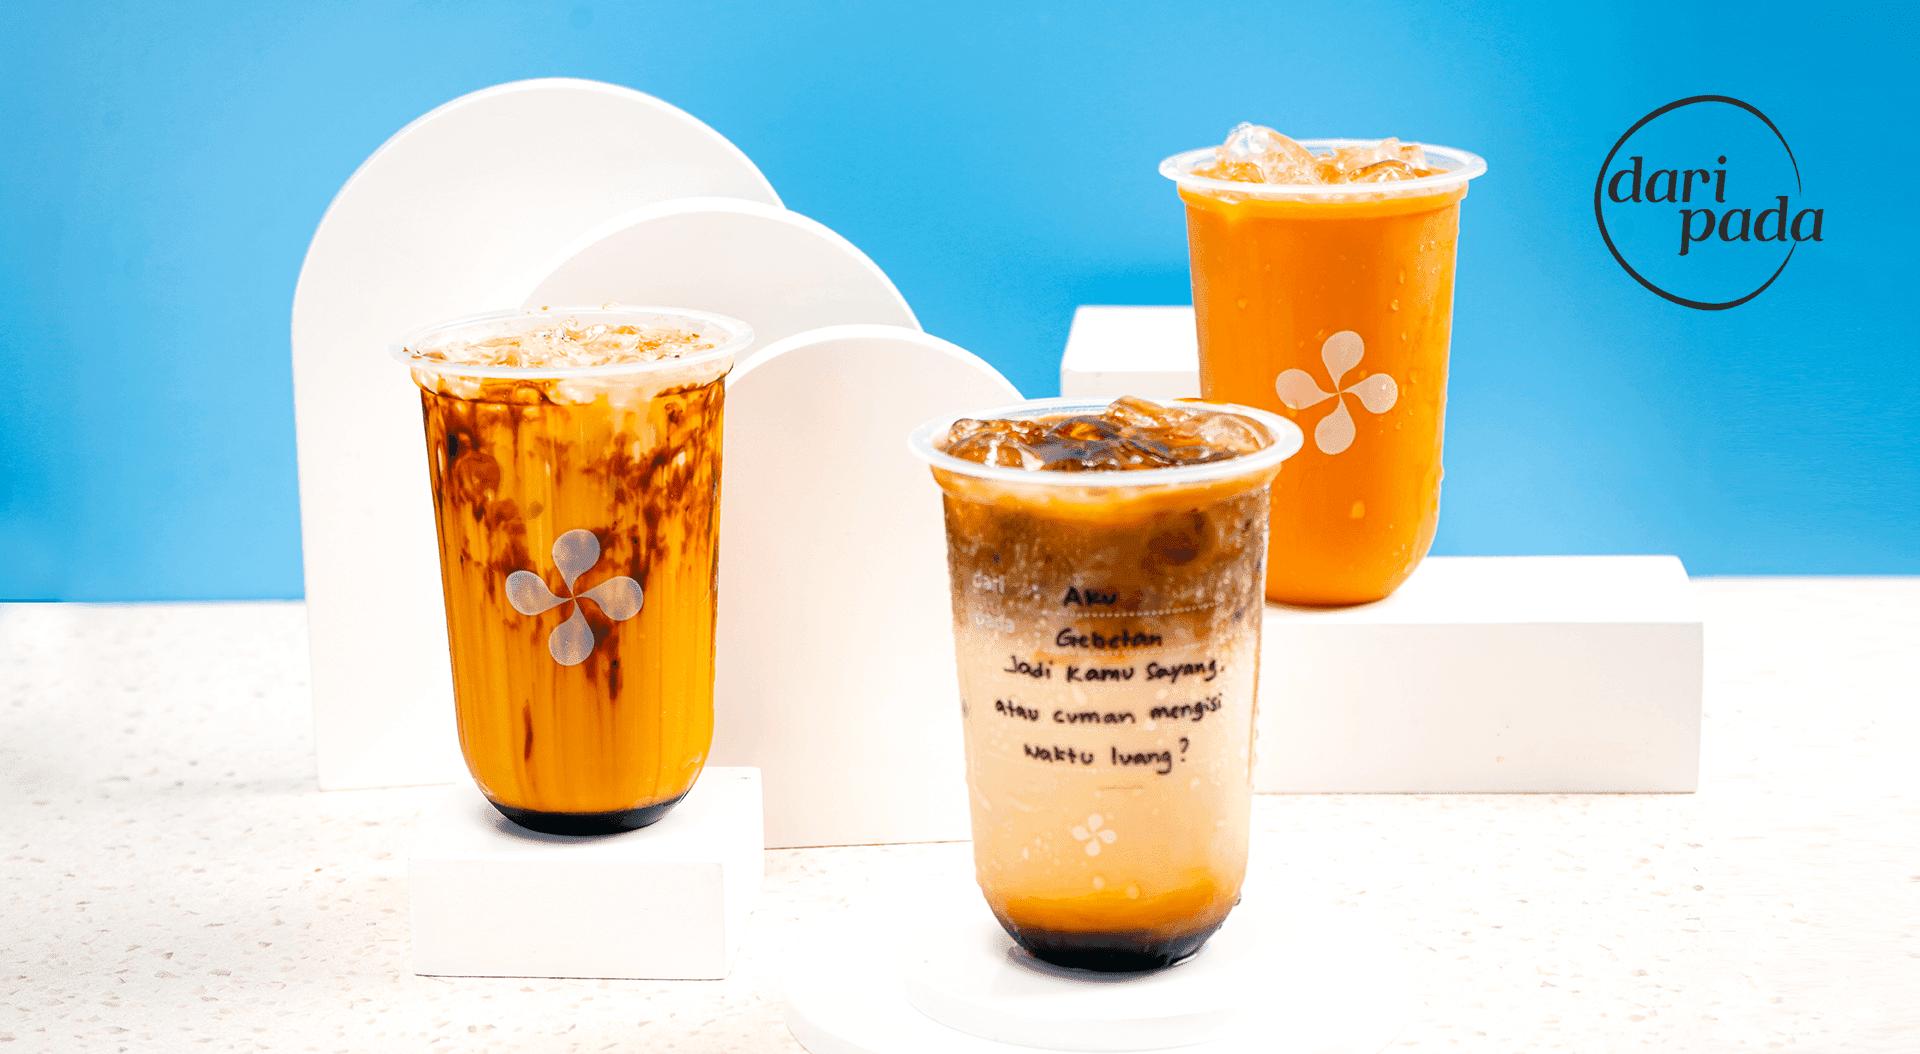 kopi-dari-pada-merupakan-brand-yang-dikembangkan-hangry-yang-menyediakan-berbagai-pilihan-minuman-